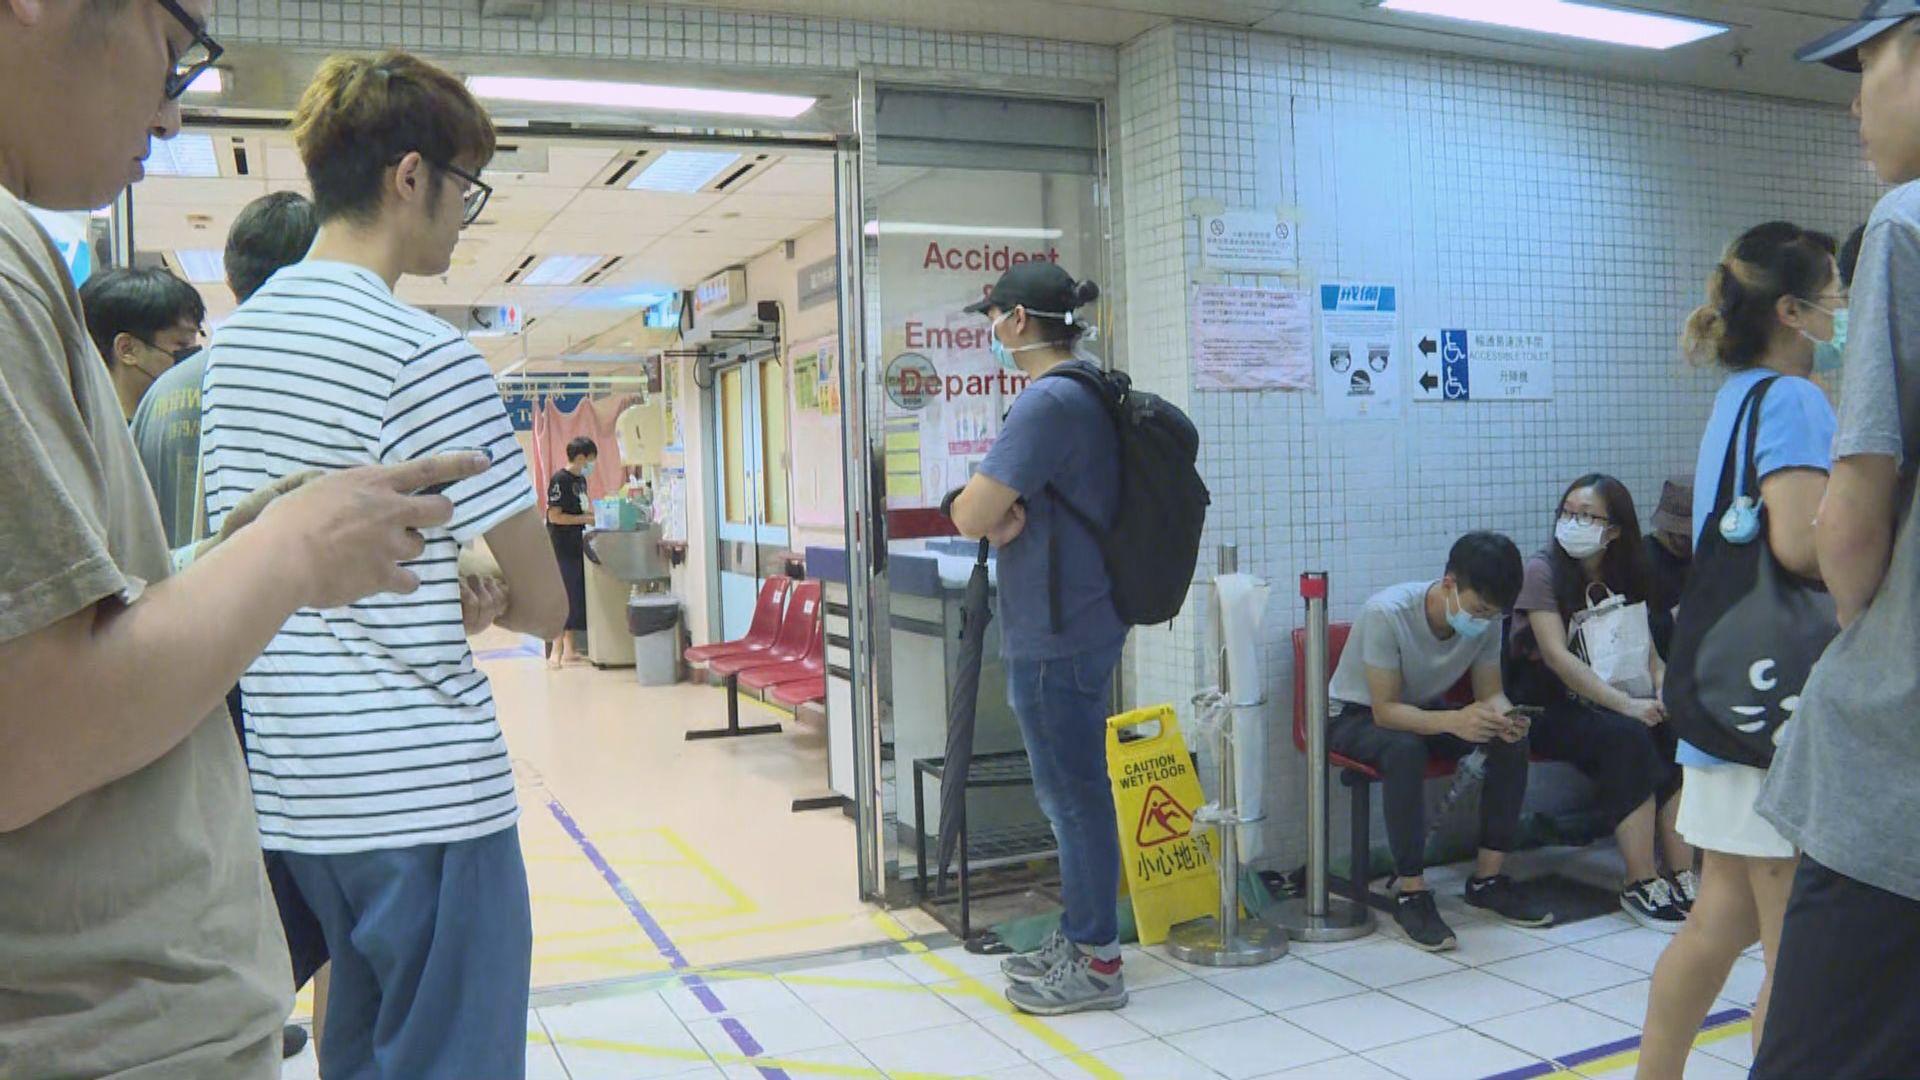 周二太子衝突 醫管局指共三男受傷送院